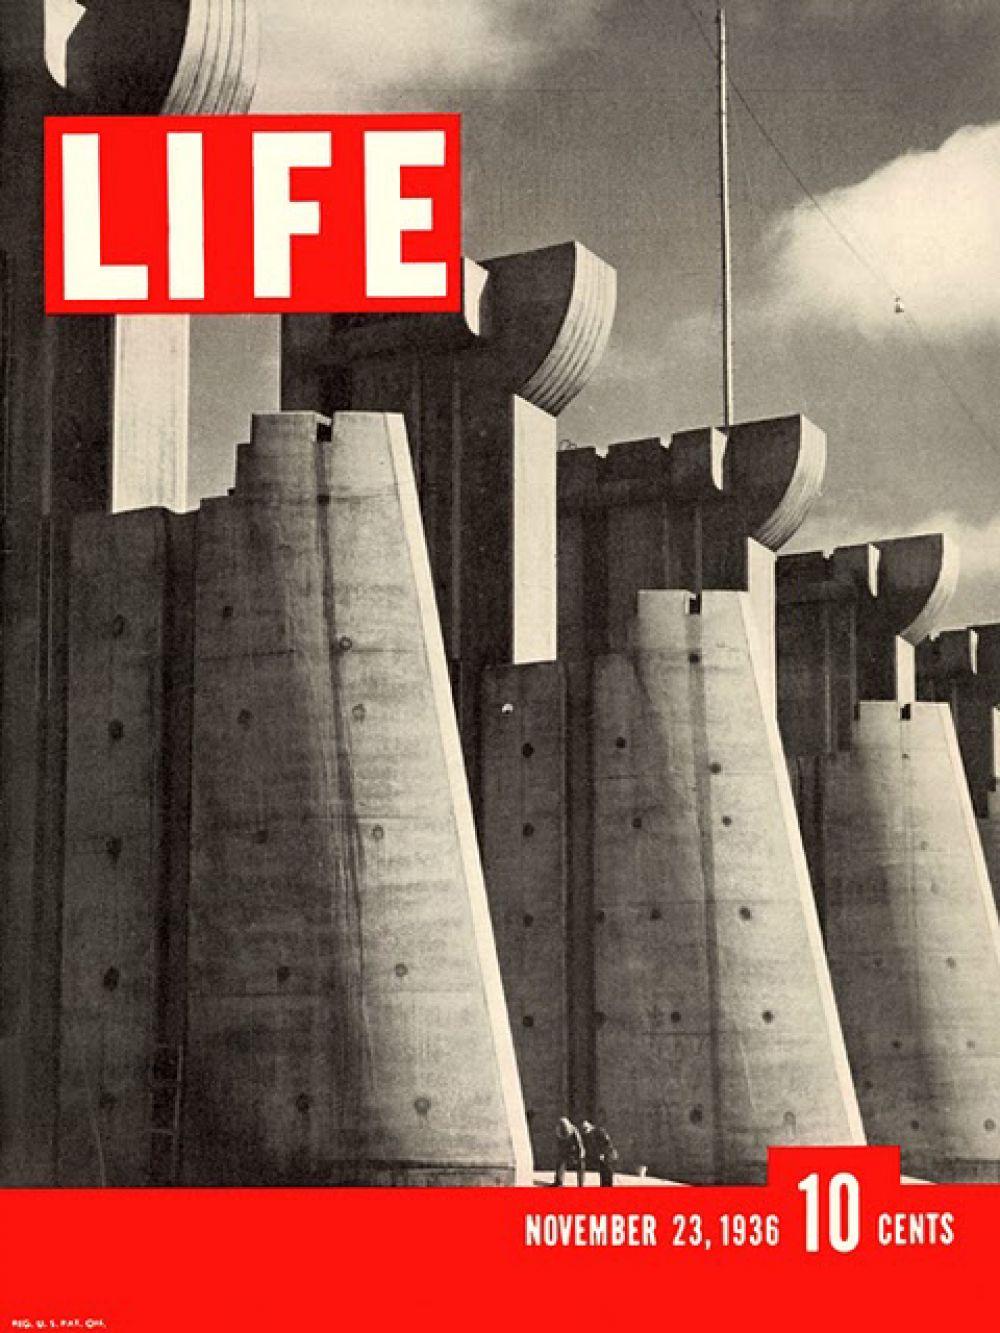 23 ноября 1936 года в Life была опубликована её первая работа — фотографии со строительства дамбы Форт-Пек. Фотография дамбы, попавшая на обложку журнала, впоследствии была использована на американских почтовых марках.